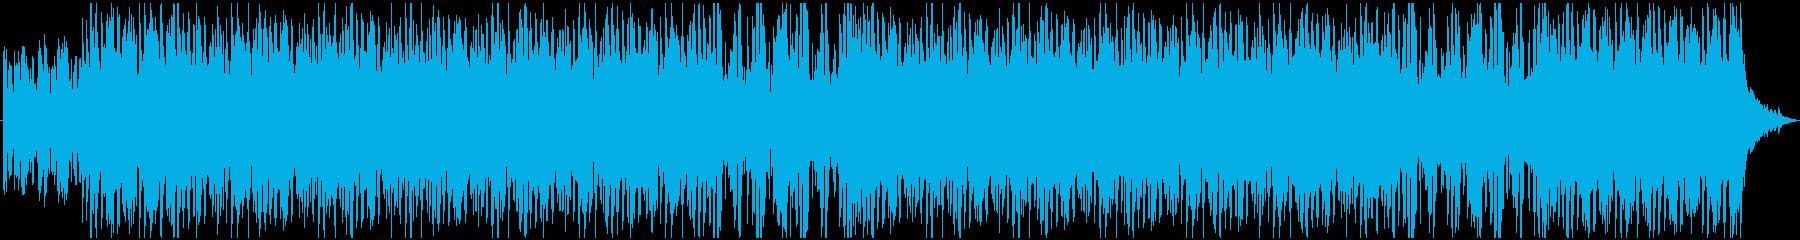 高級感漂うクラブ系BGMフルverの再生済みの波形